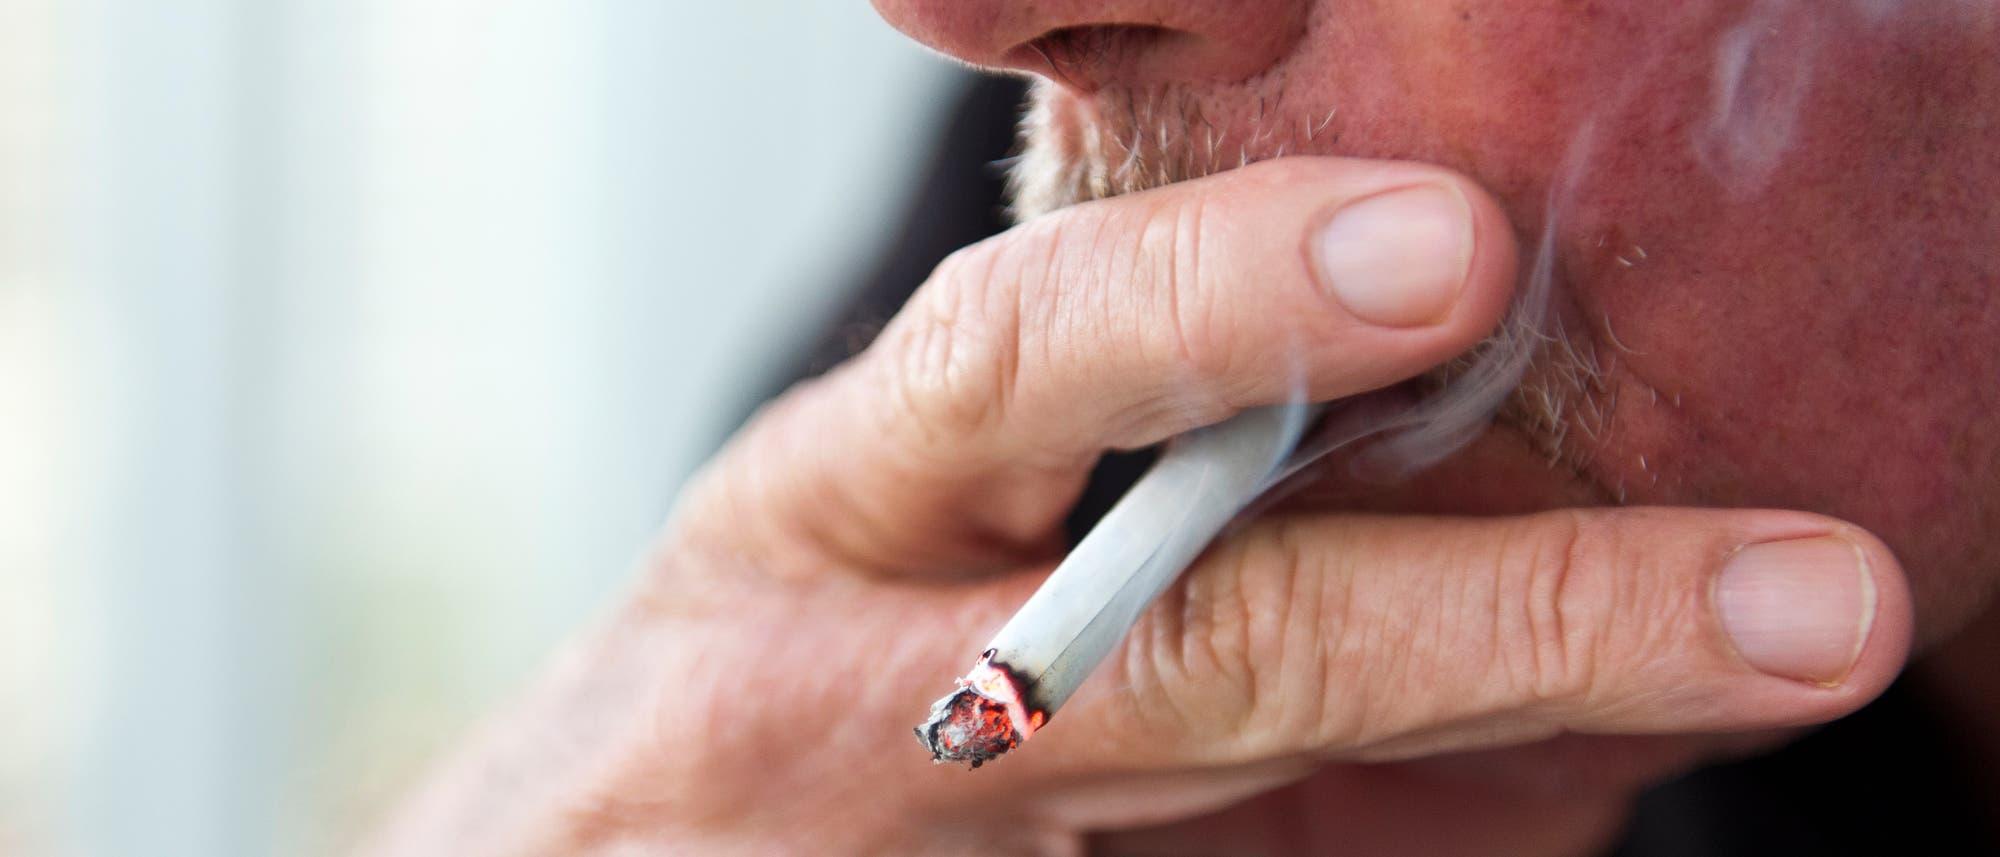 Raucher sind besonders gefährdet für einen schweren Covid-Verlauf